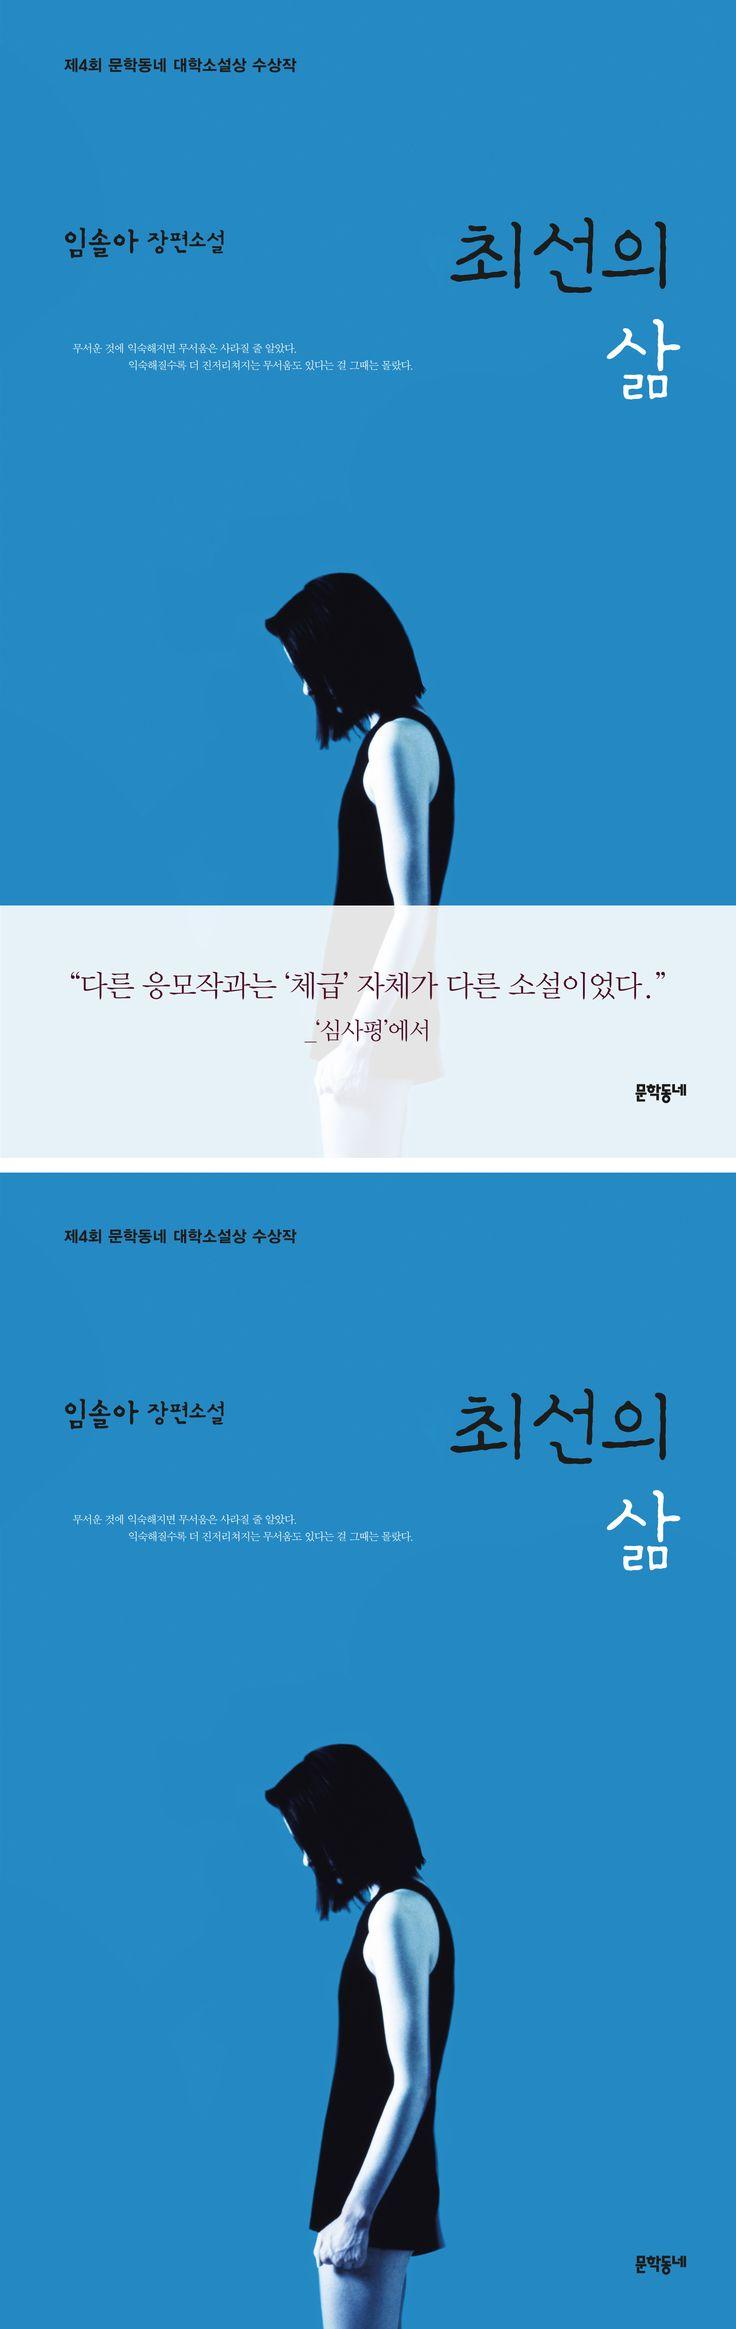 최선의 삶 / 임솔아  book design, cover design